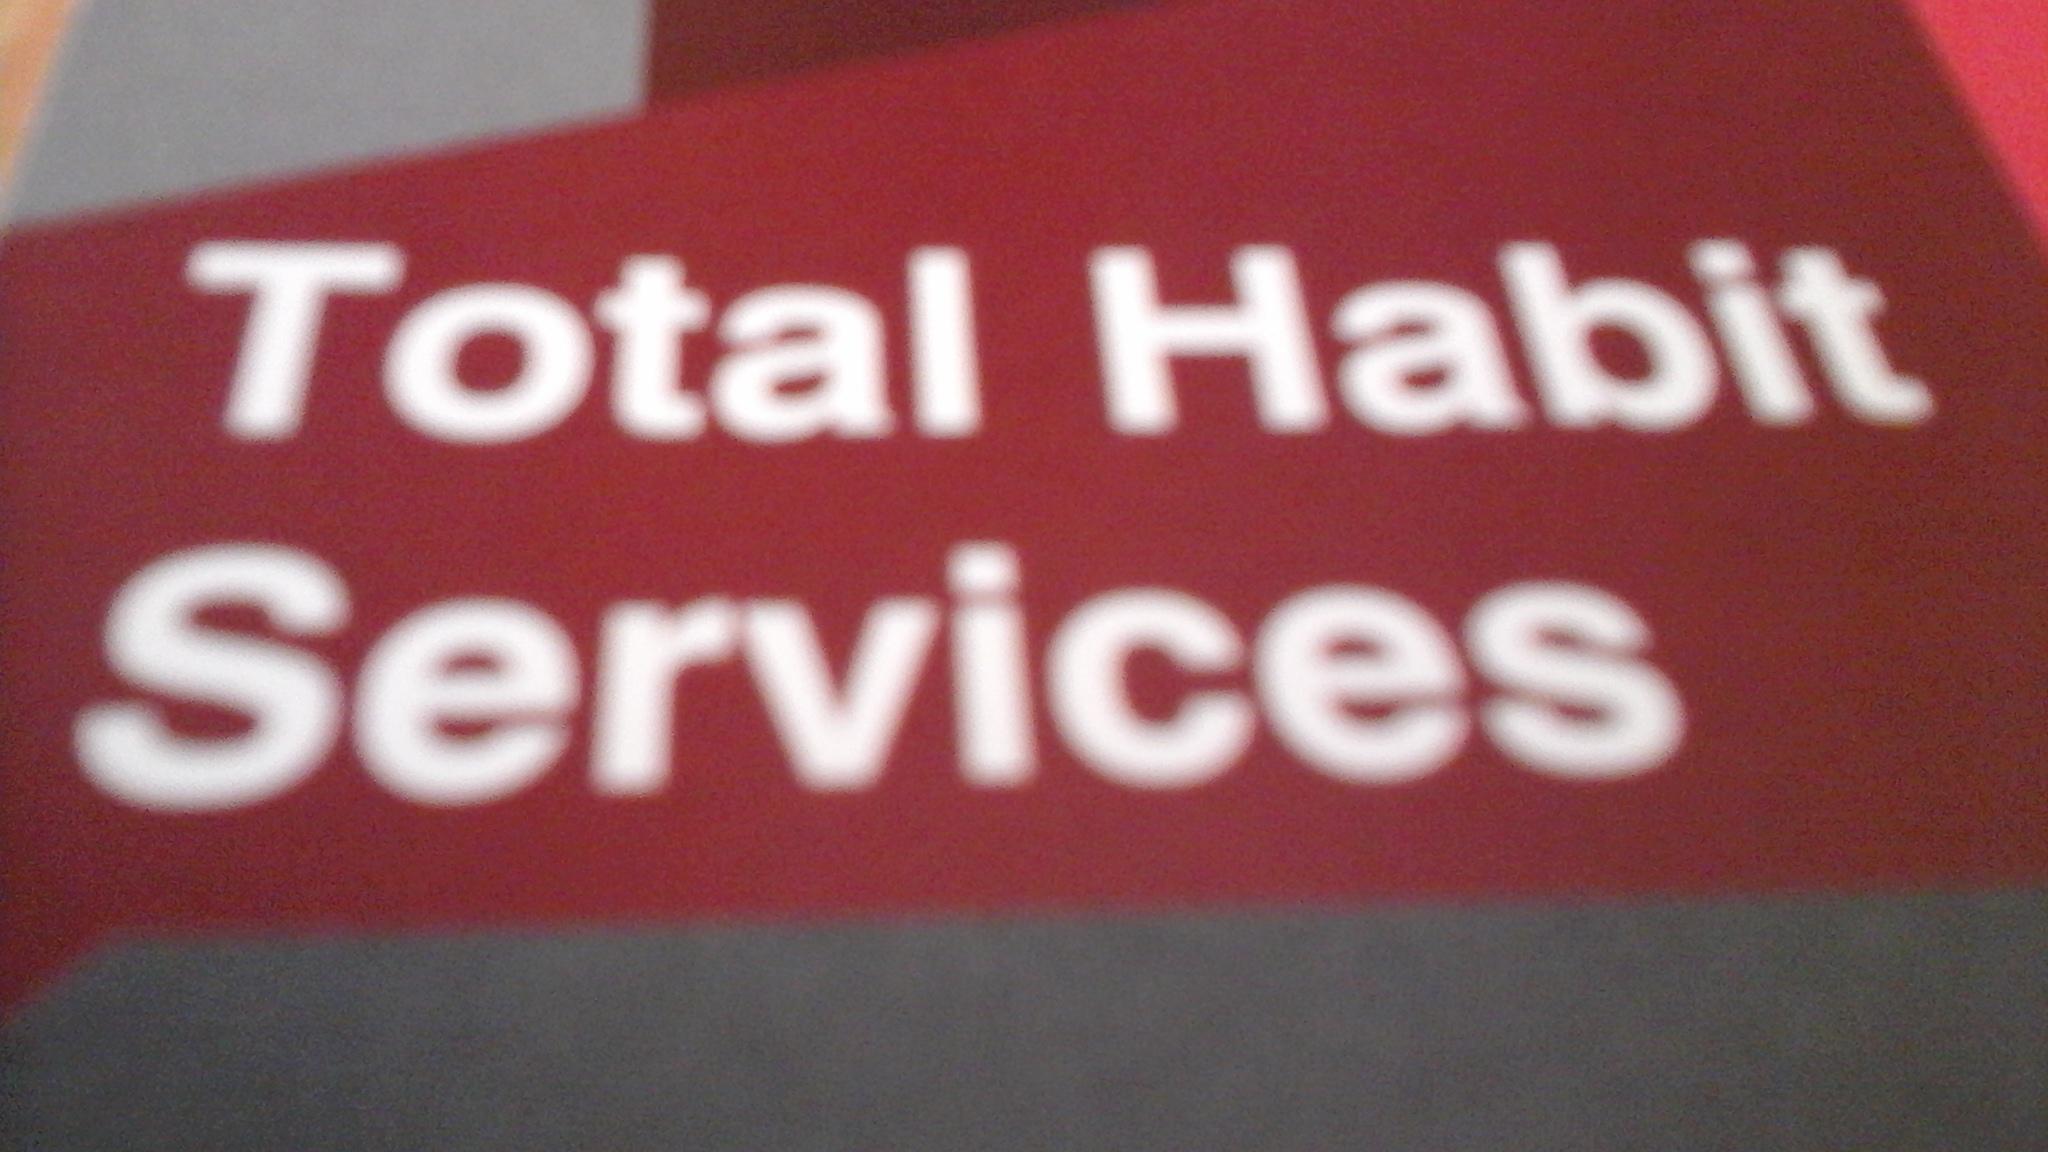 Total Habit Services